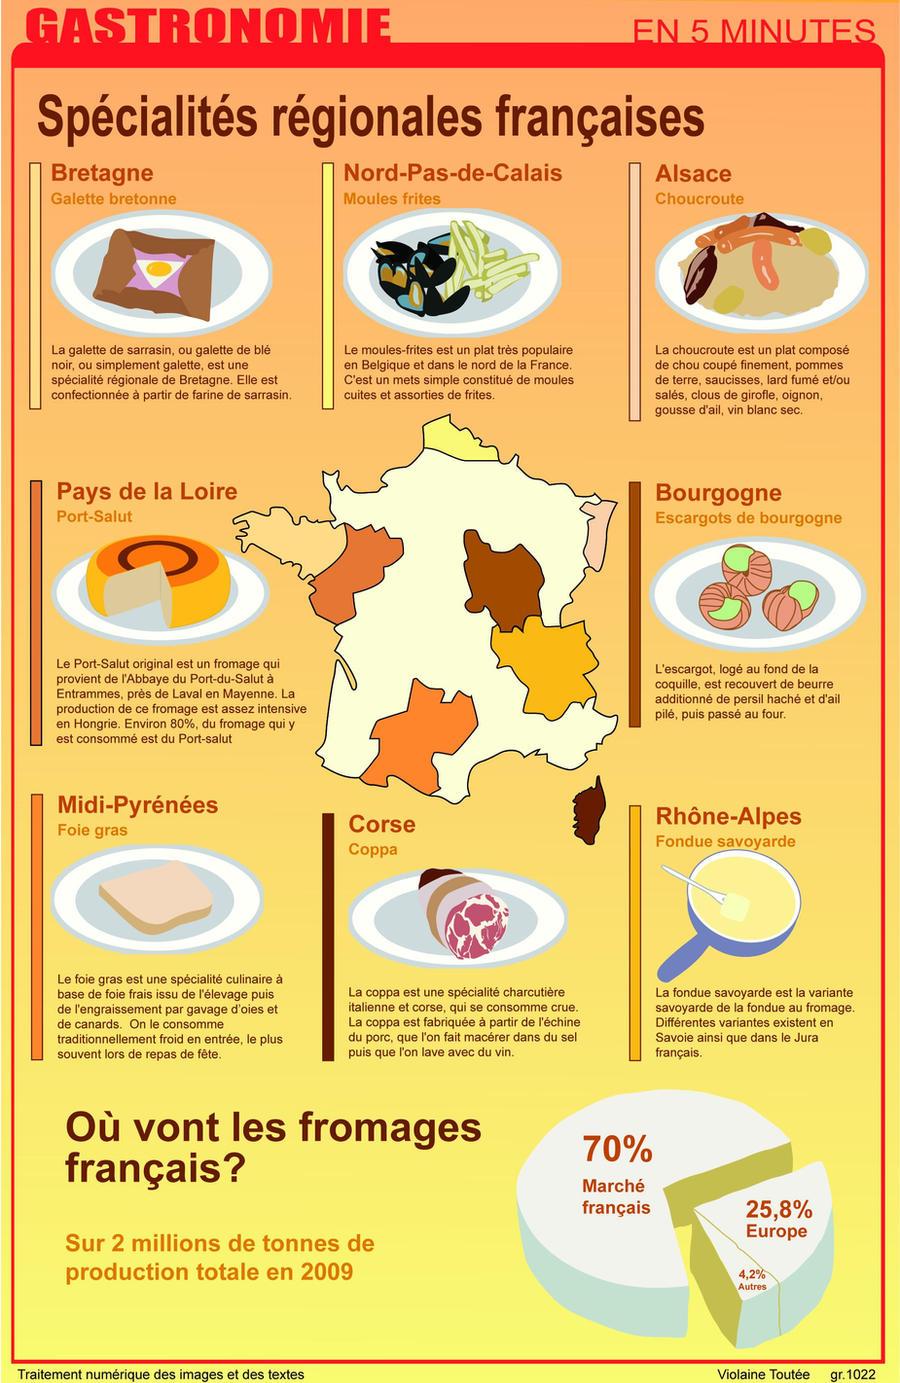 Gastronomie francaise en 5 minutes by amaryliz on deviantart for Art de la cuisine francaise